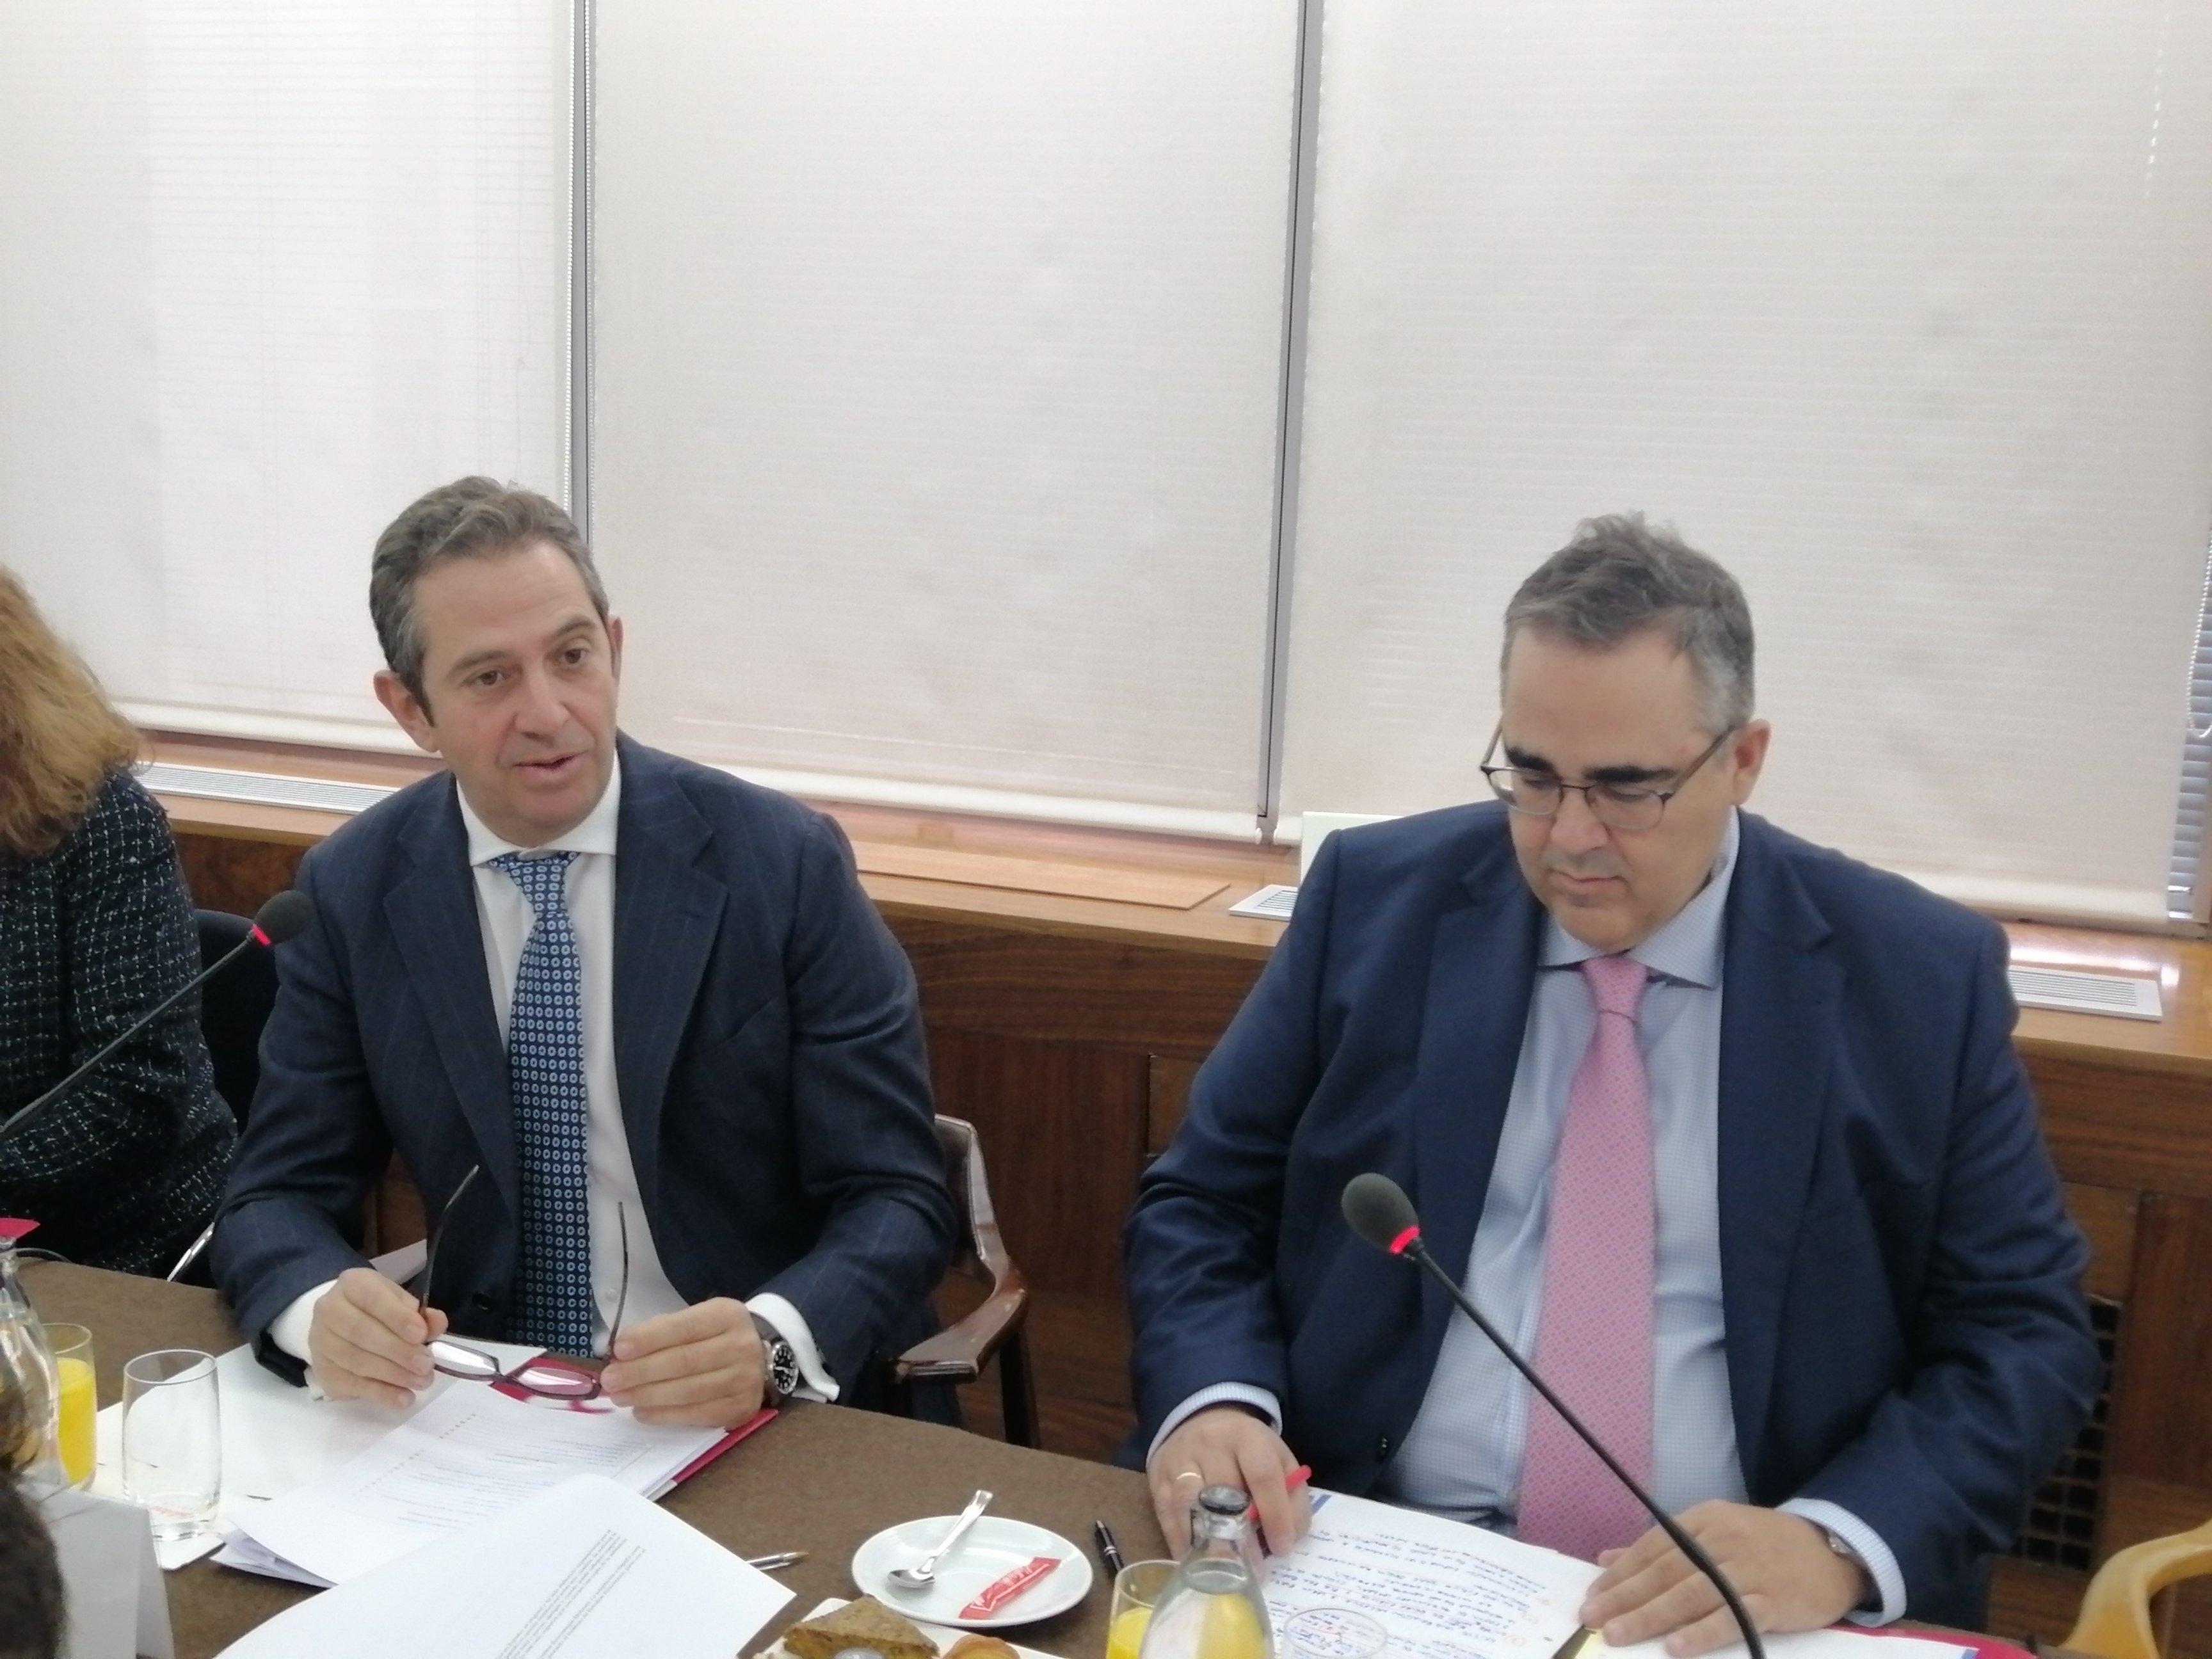 El Presidente del Instituto de Estudios Económicos, Íñigo Fernández de Mesa, y su Director General, Gregorio Izquierdo